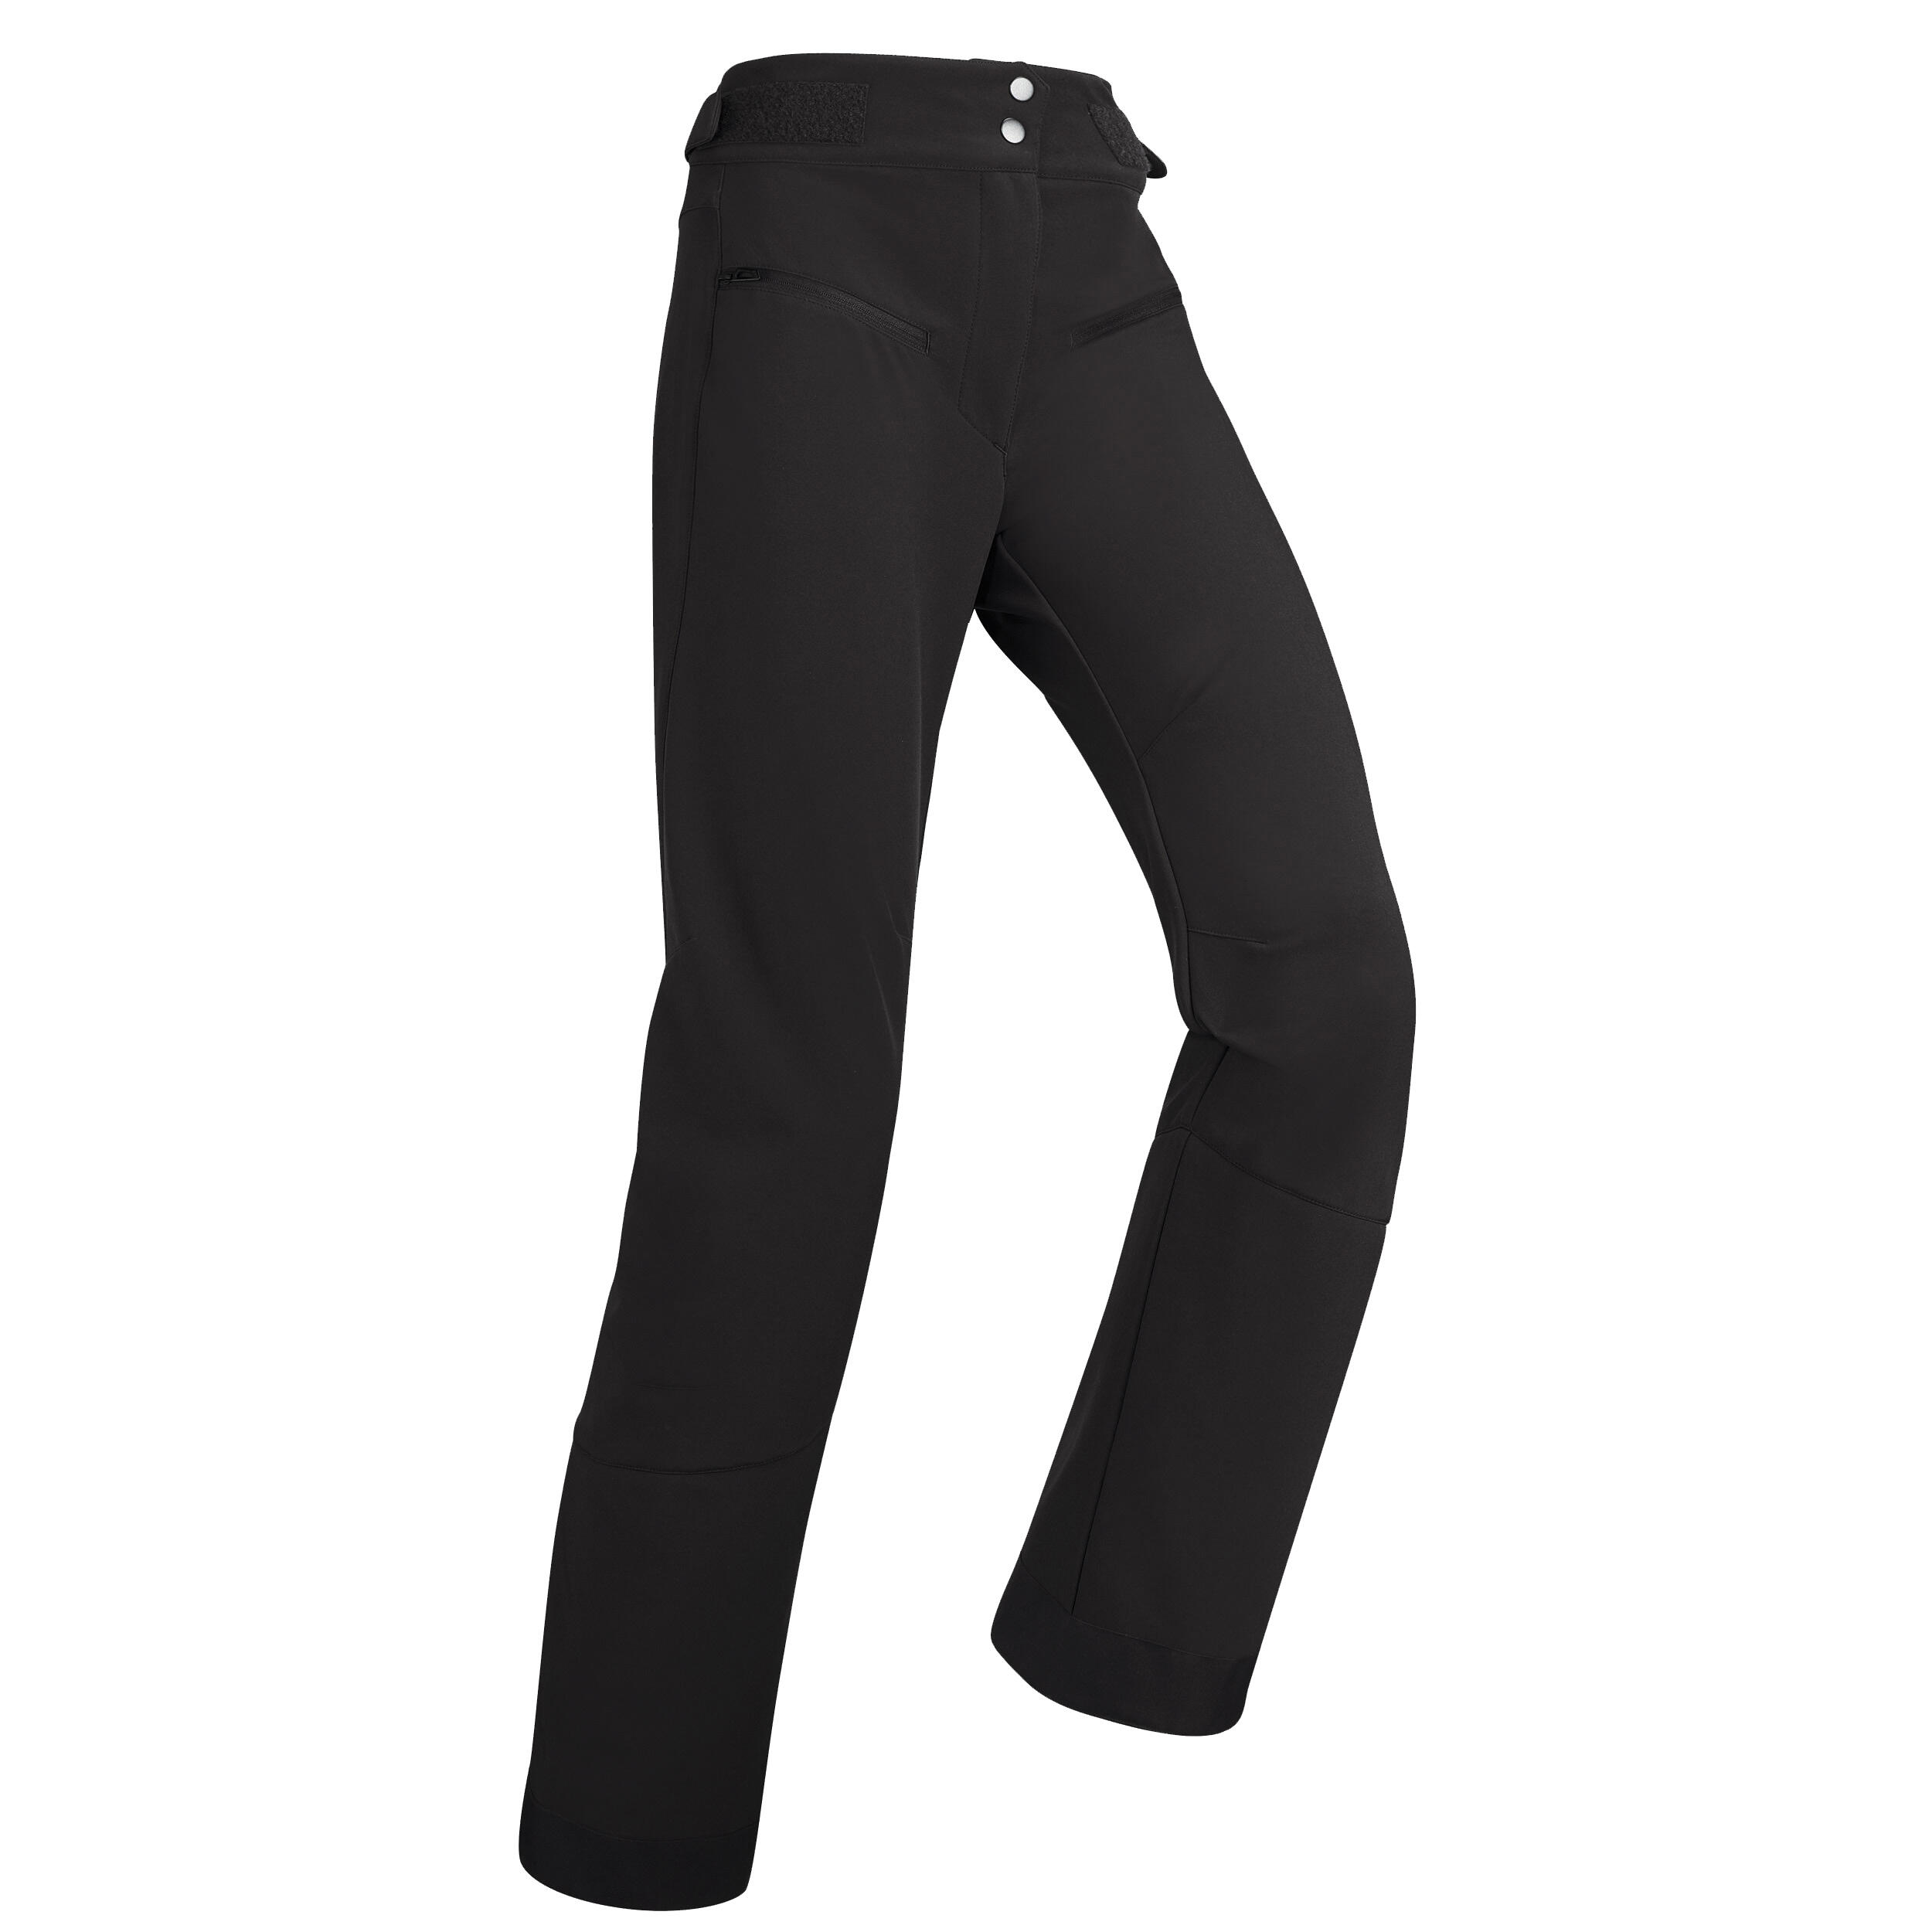 Comprar Pantalones De Esqui Y Nieve Online Decathlon